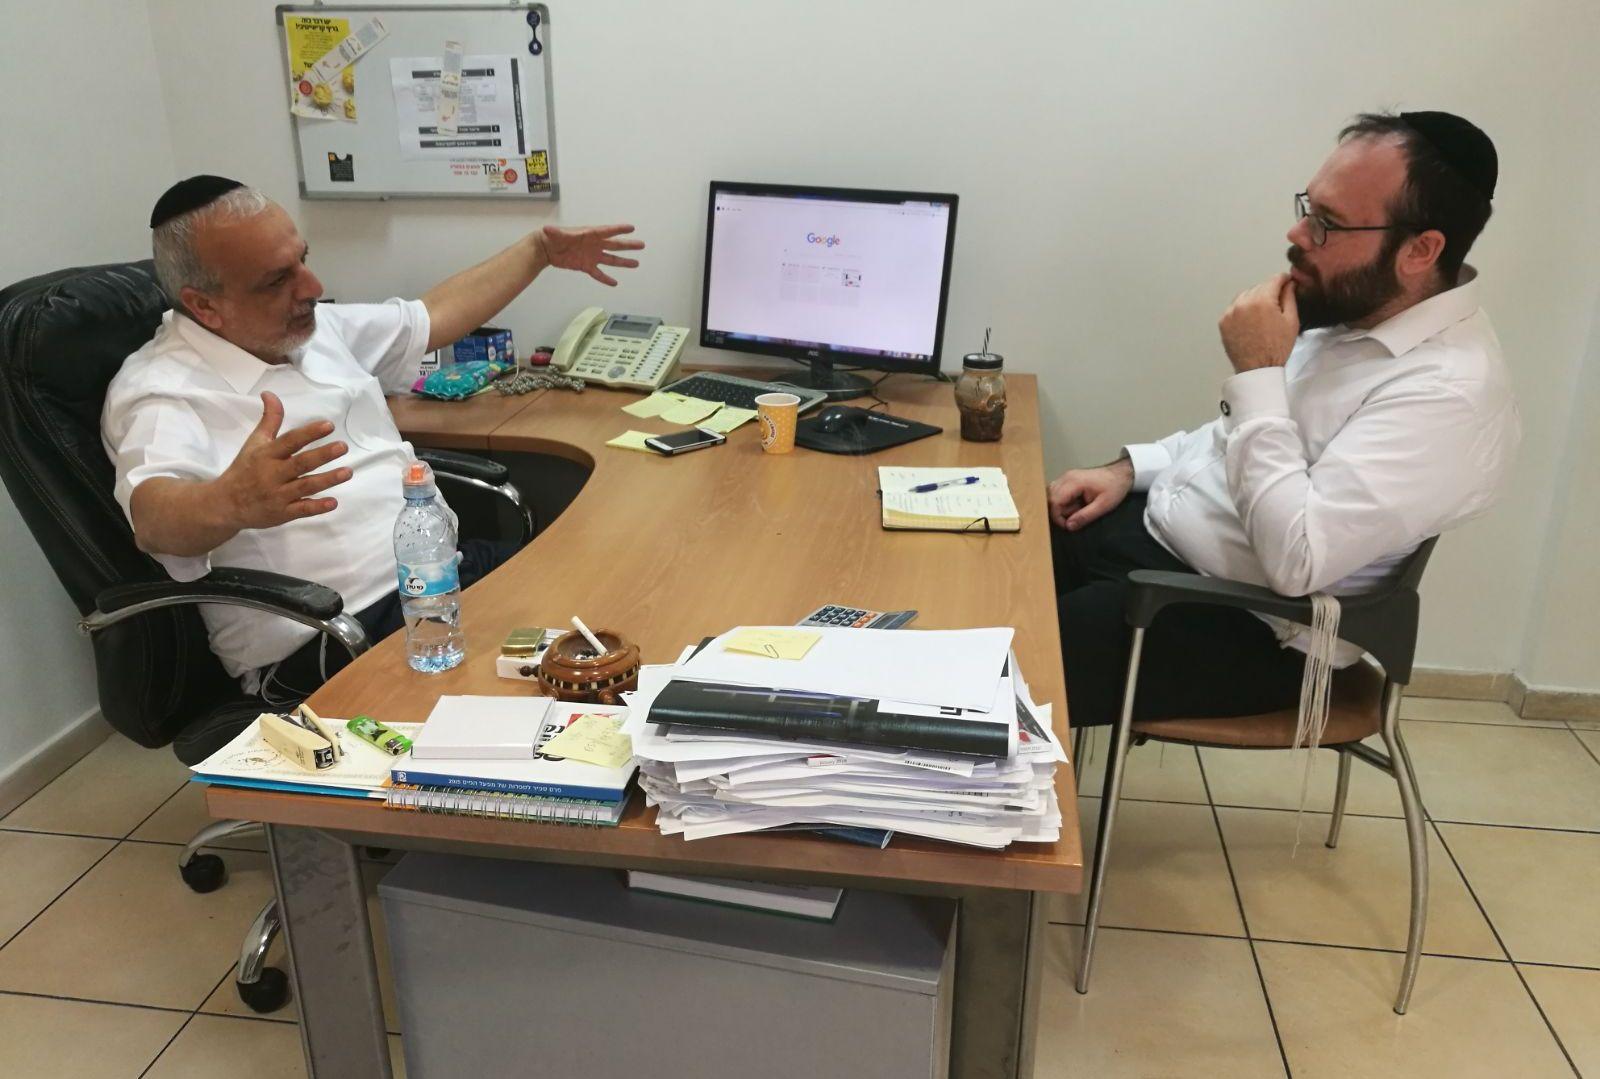 האסטרטג • ראיון עם יגאל רווח 2